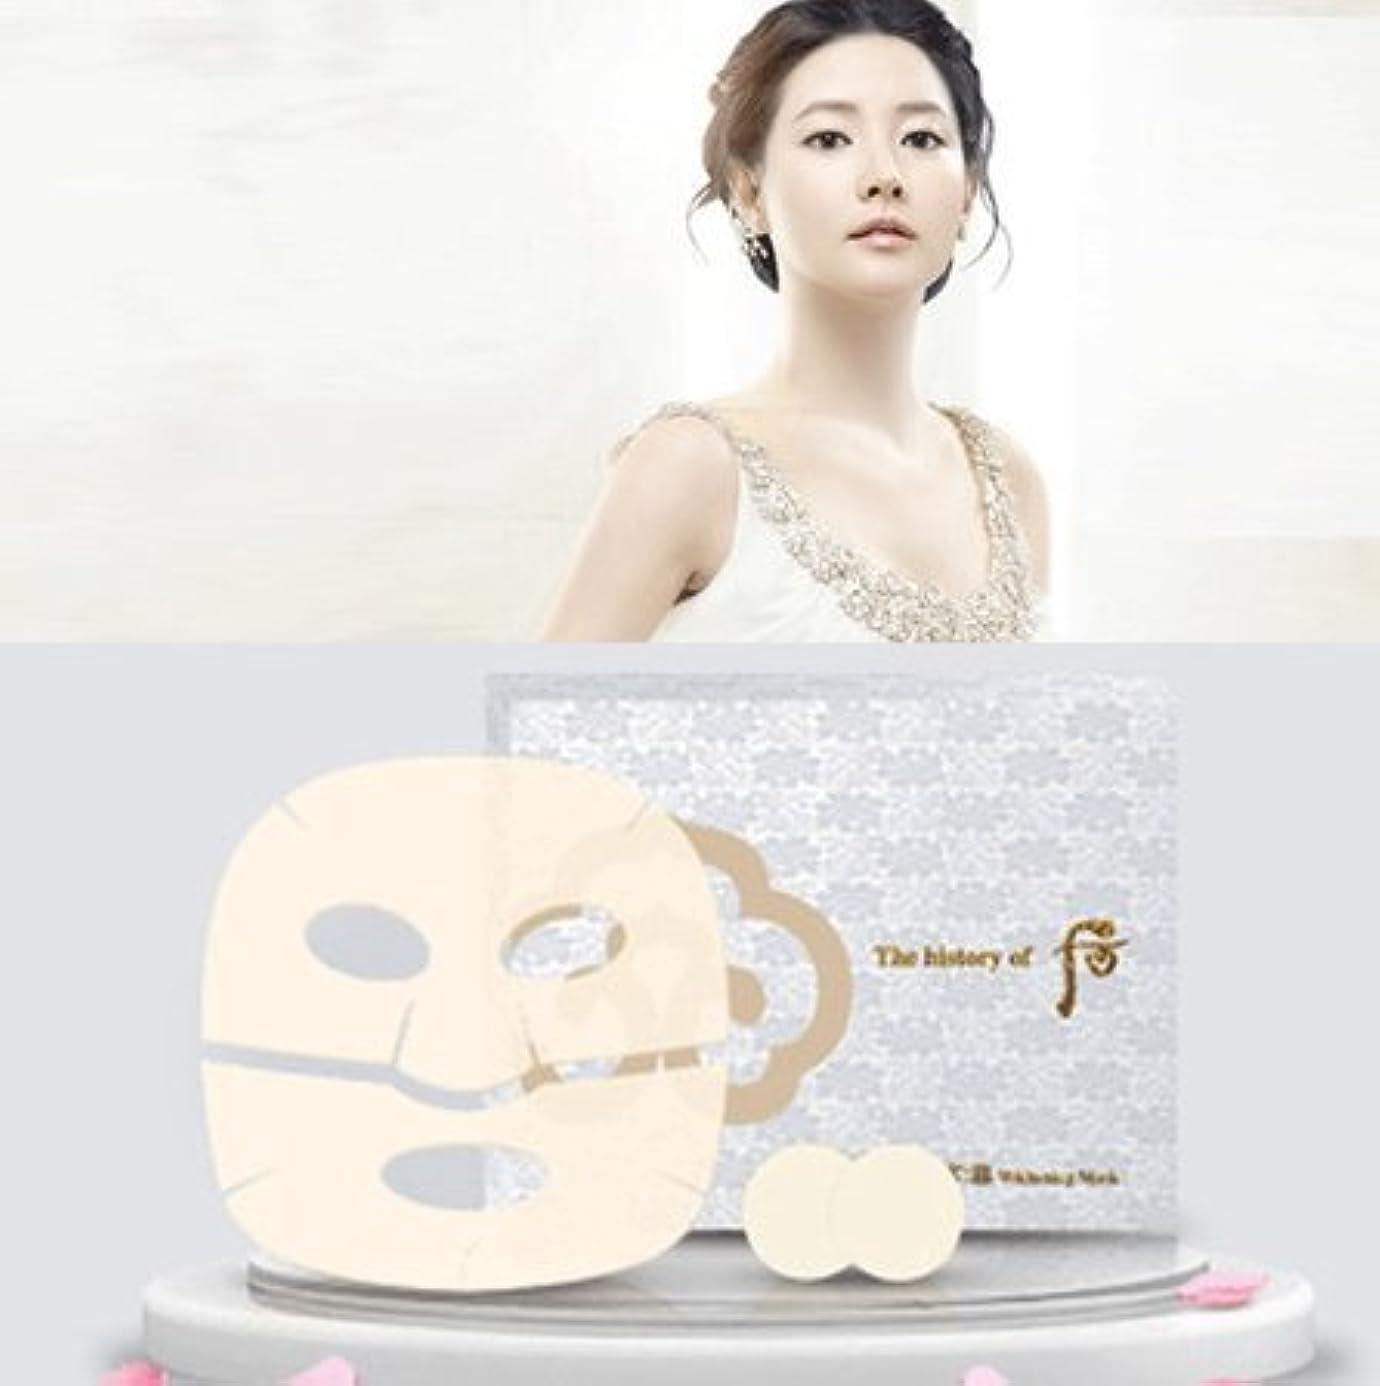 バック塊反論者【フー/The history of whoo] Whoo后 ゴンジンヒャン 美白 光 マスク8枚入/ Gongjinhyang Mask Sheet 8ea+ Sample Gift(海外直送品)